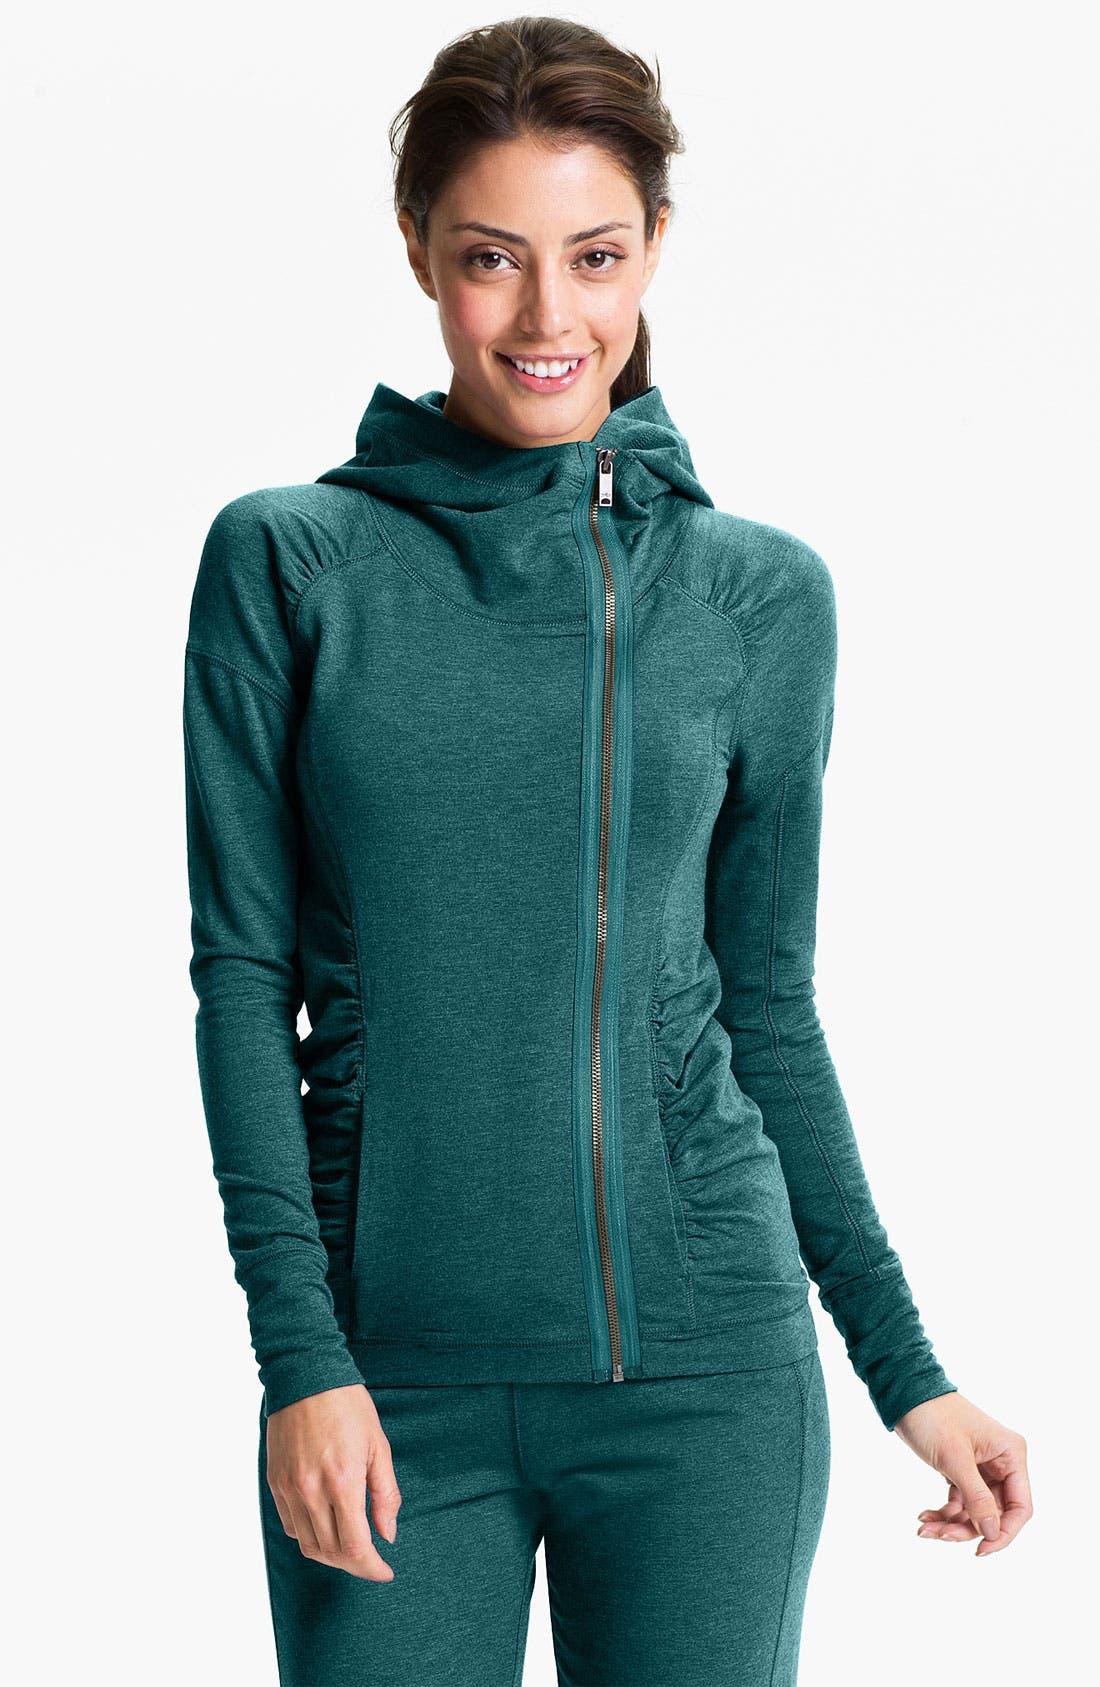 Main Image - Zella 'Fireside' Zip Front Jacket